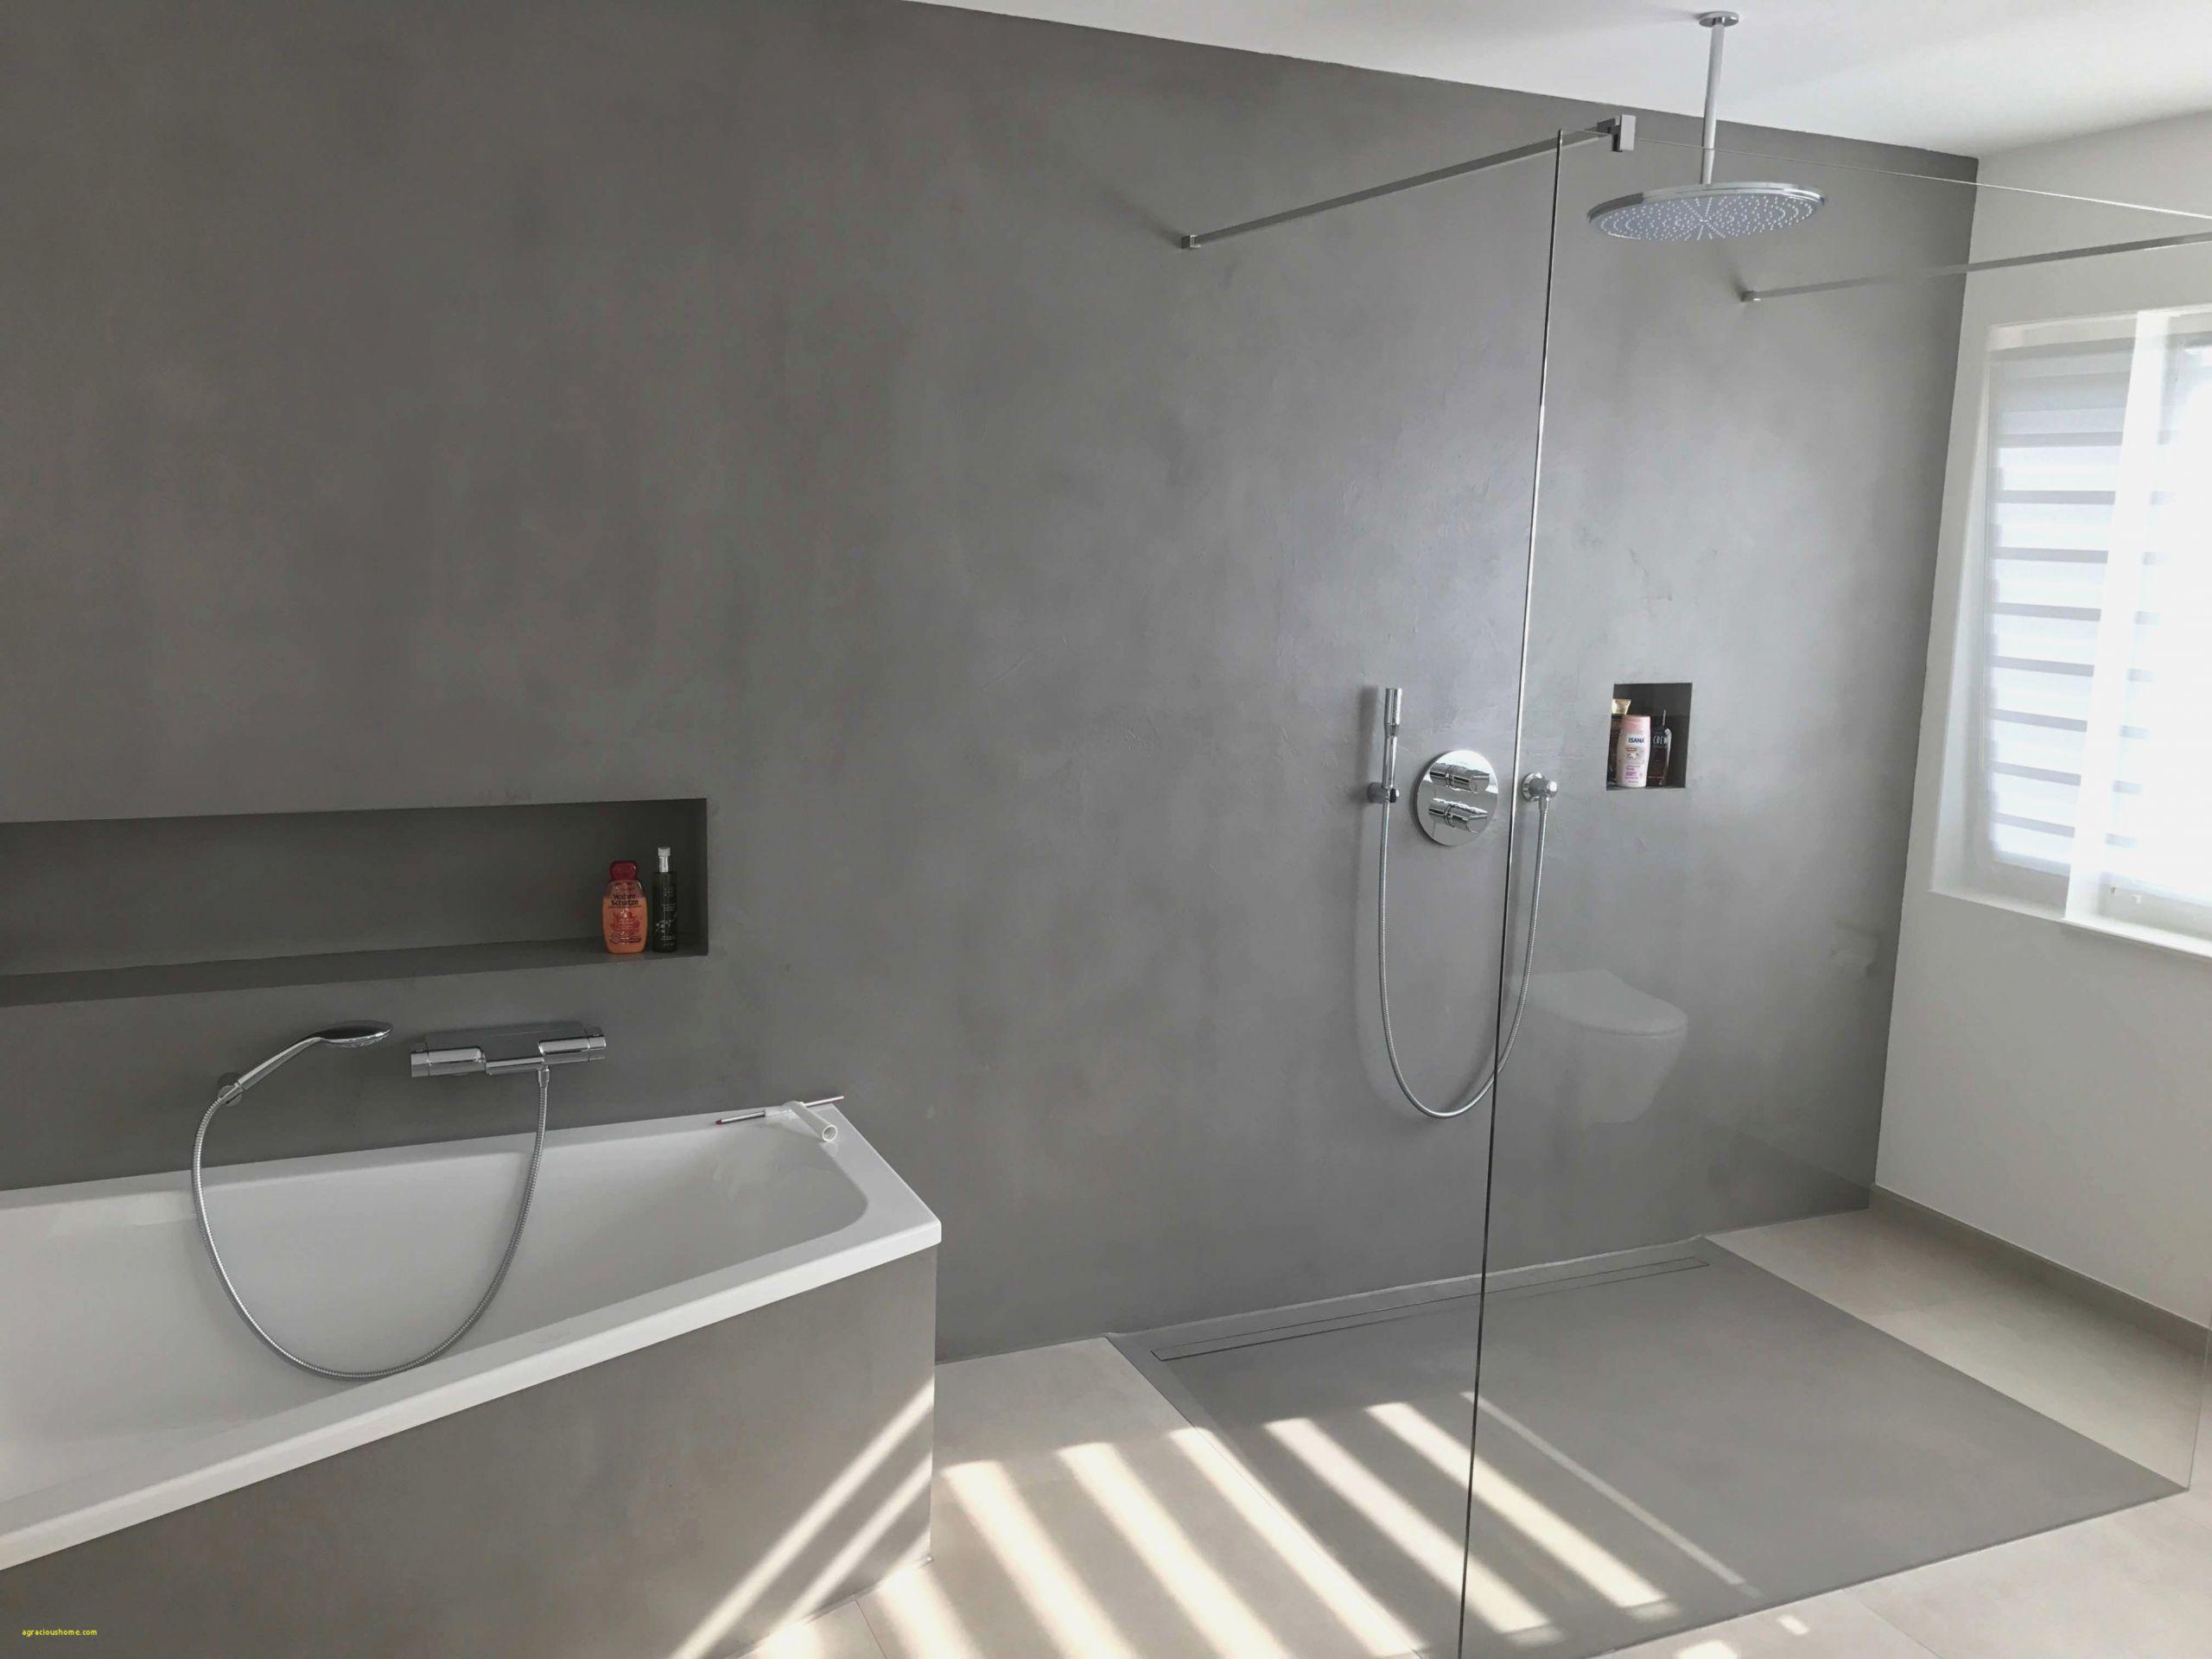 Full Size of Bodengleiche Dusche Abfluss Eckeinstieg Behindertengerechte Begehbare Duschen Einbauen Fliesen Nachträglich Schulte Werksverkauf Kaufen Ebenerdige Bluetooth Dusche Dusche Bodengleich